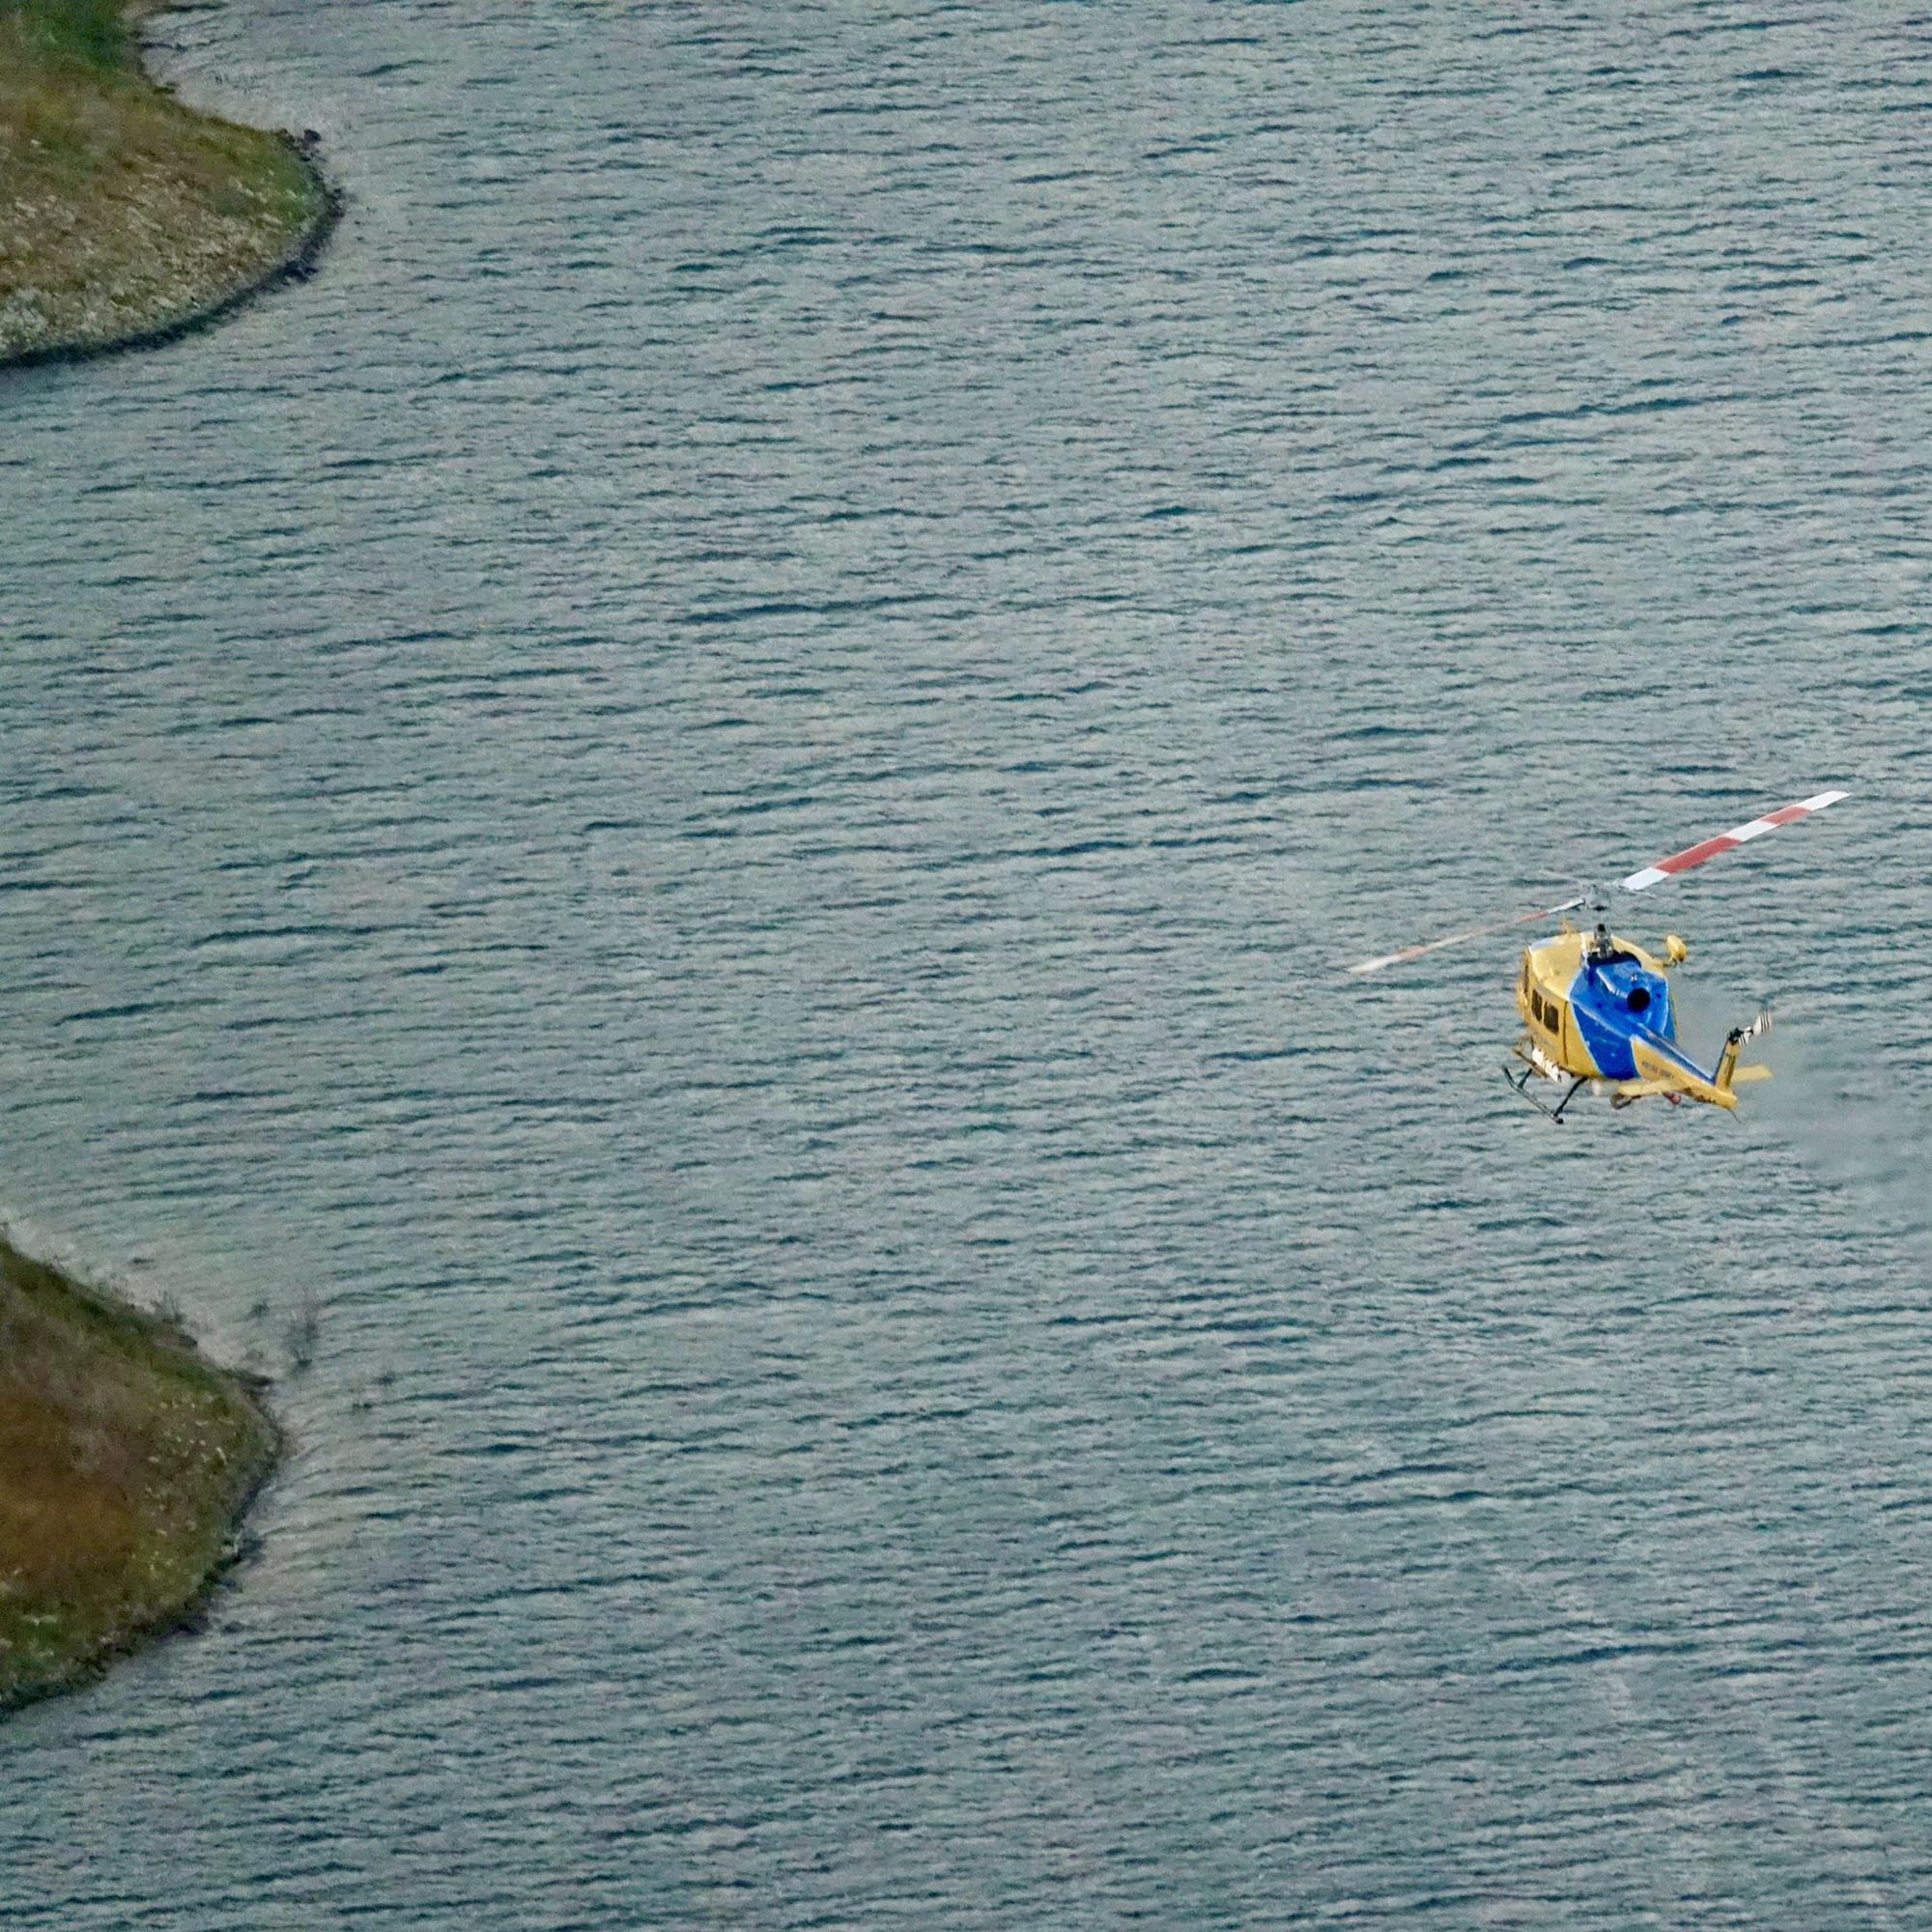 NÓNG: Ráo riết tìm kiếm mỹ nhân Glee mất tích đáng ngờ, để lại con trai 4 tuổi một mình lênh đênh giữa sông - Ảnh 5.